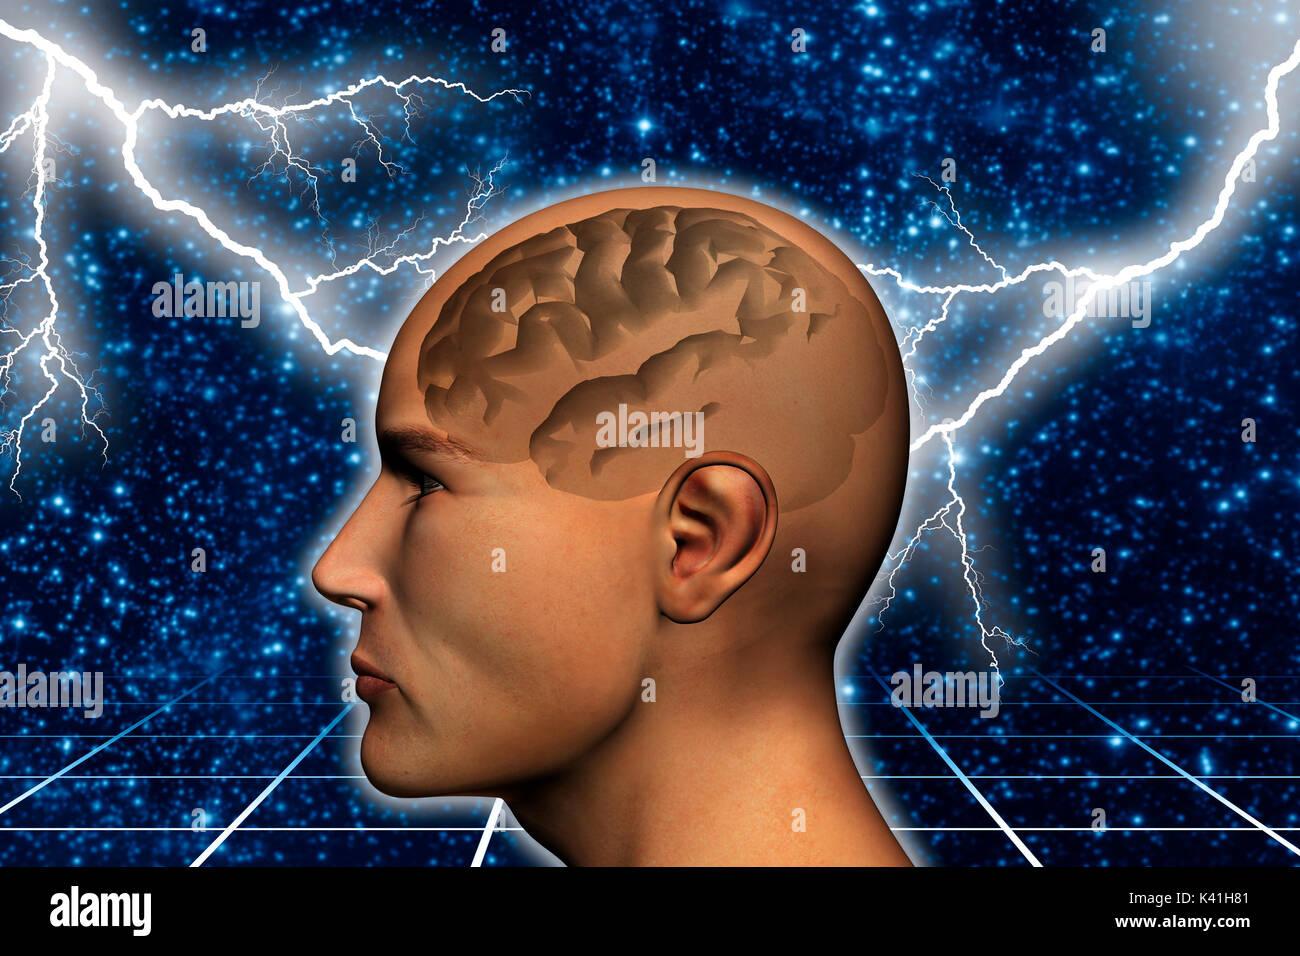 Menschlichen Kopf und Gehirn durch gesehen, Brainstorming von Ideen Konzept Stockbild